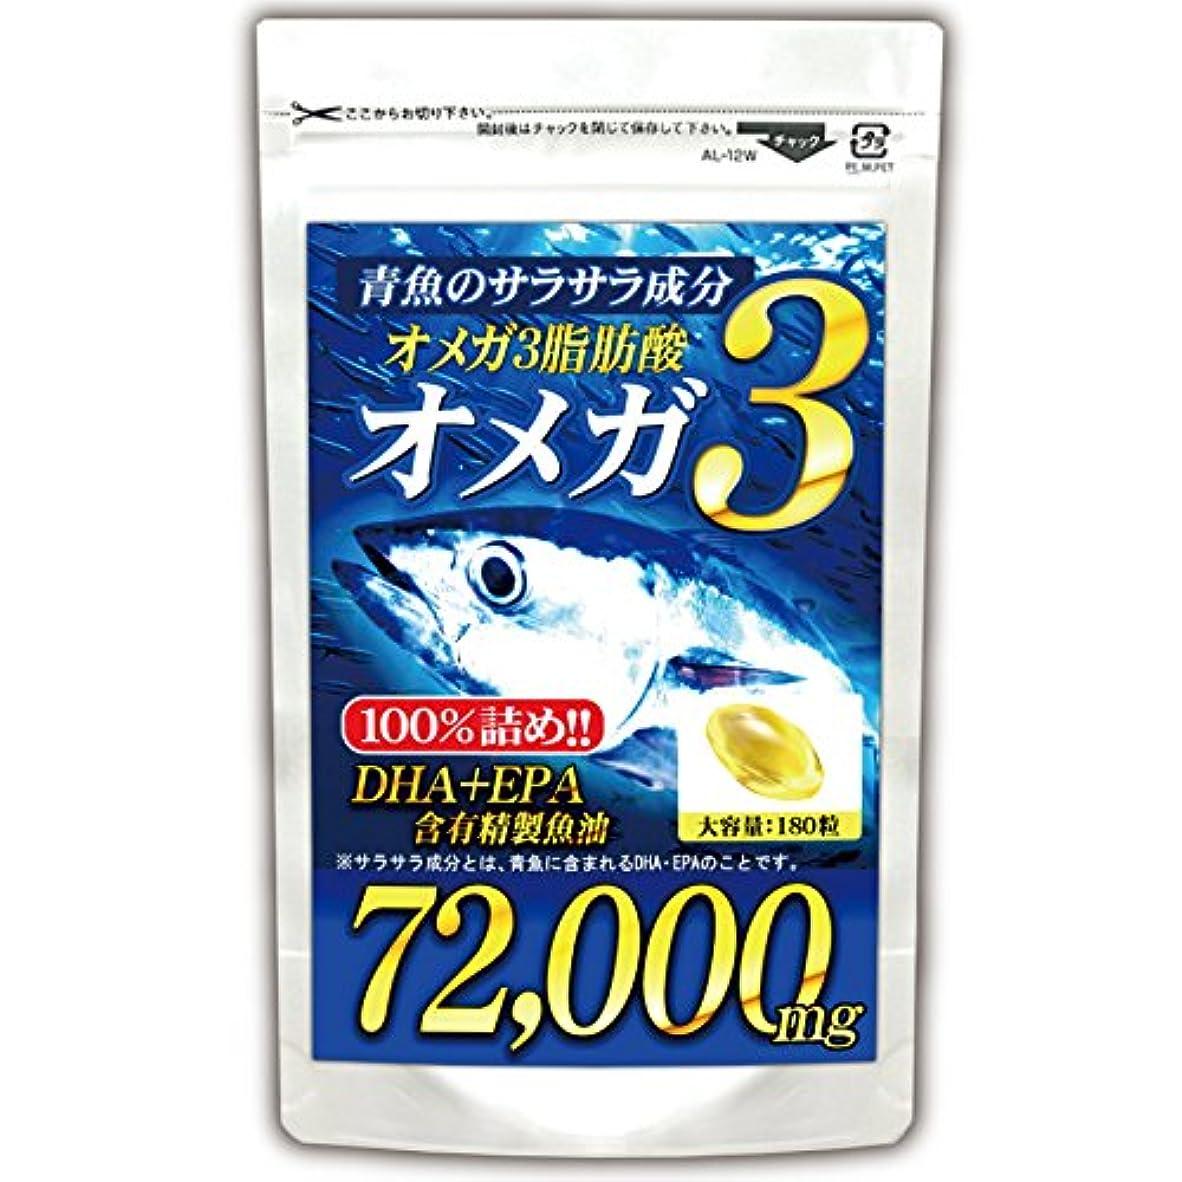 オーストラリアアレキサンダーグラハムベル起きろ(大容量:約6ヵ月分/180粒)青魚de72,000